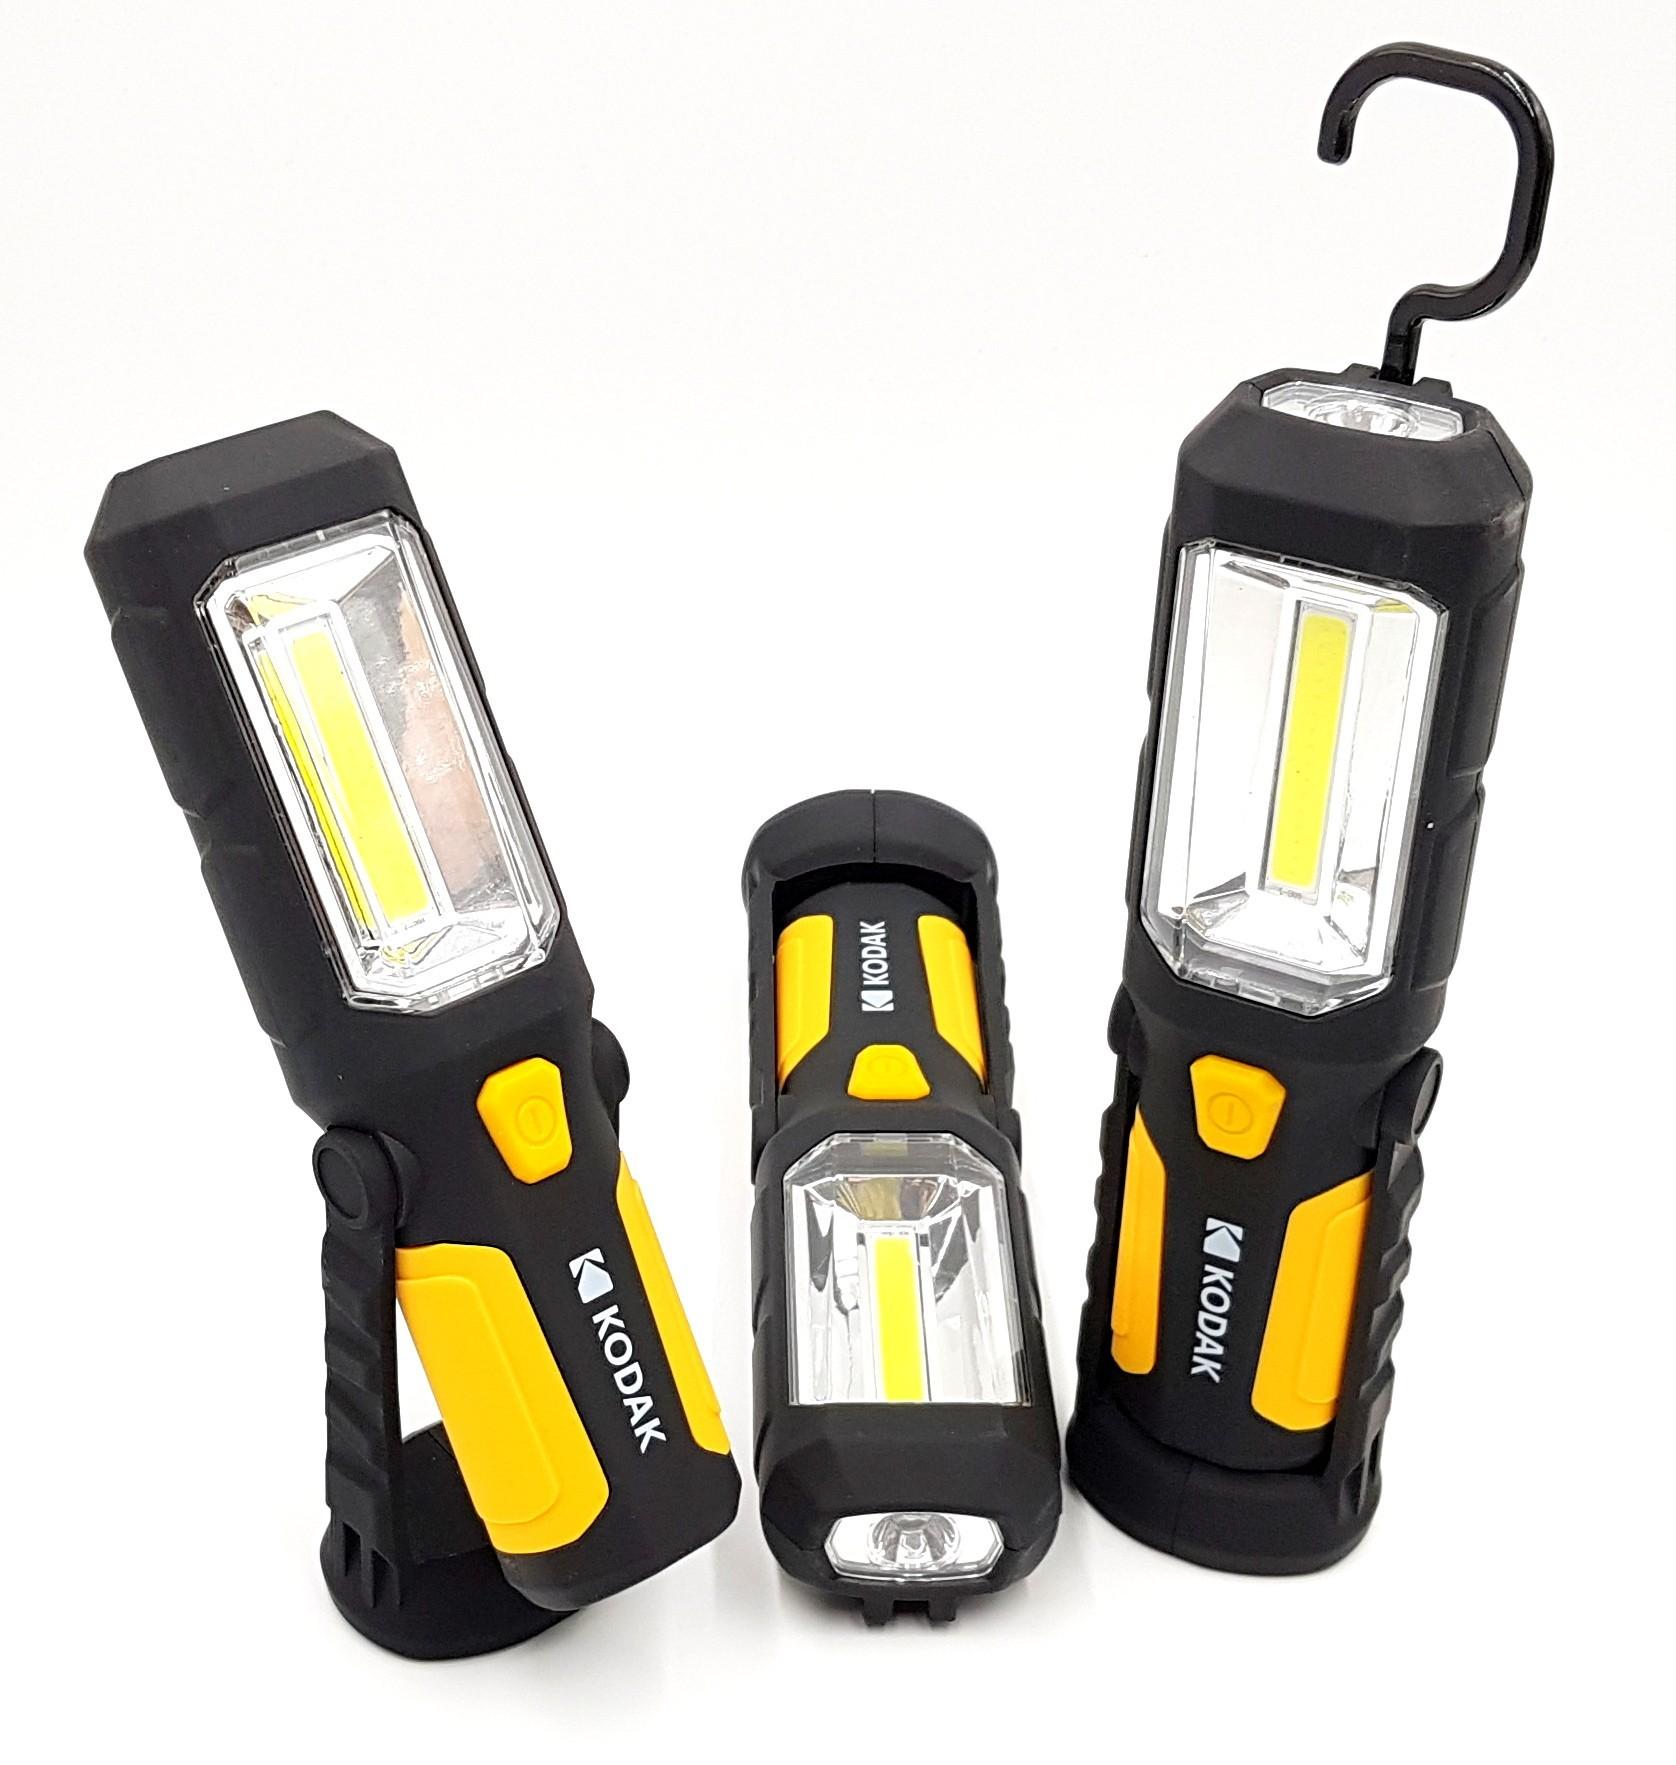 Lanterna LED KODAK Work 300 imagine techstar.ro 2021